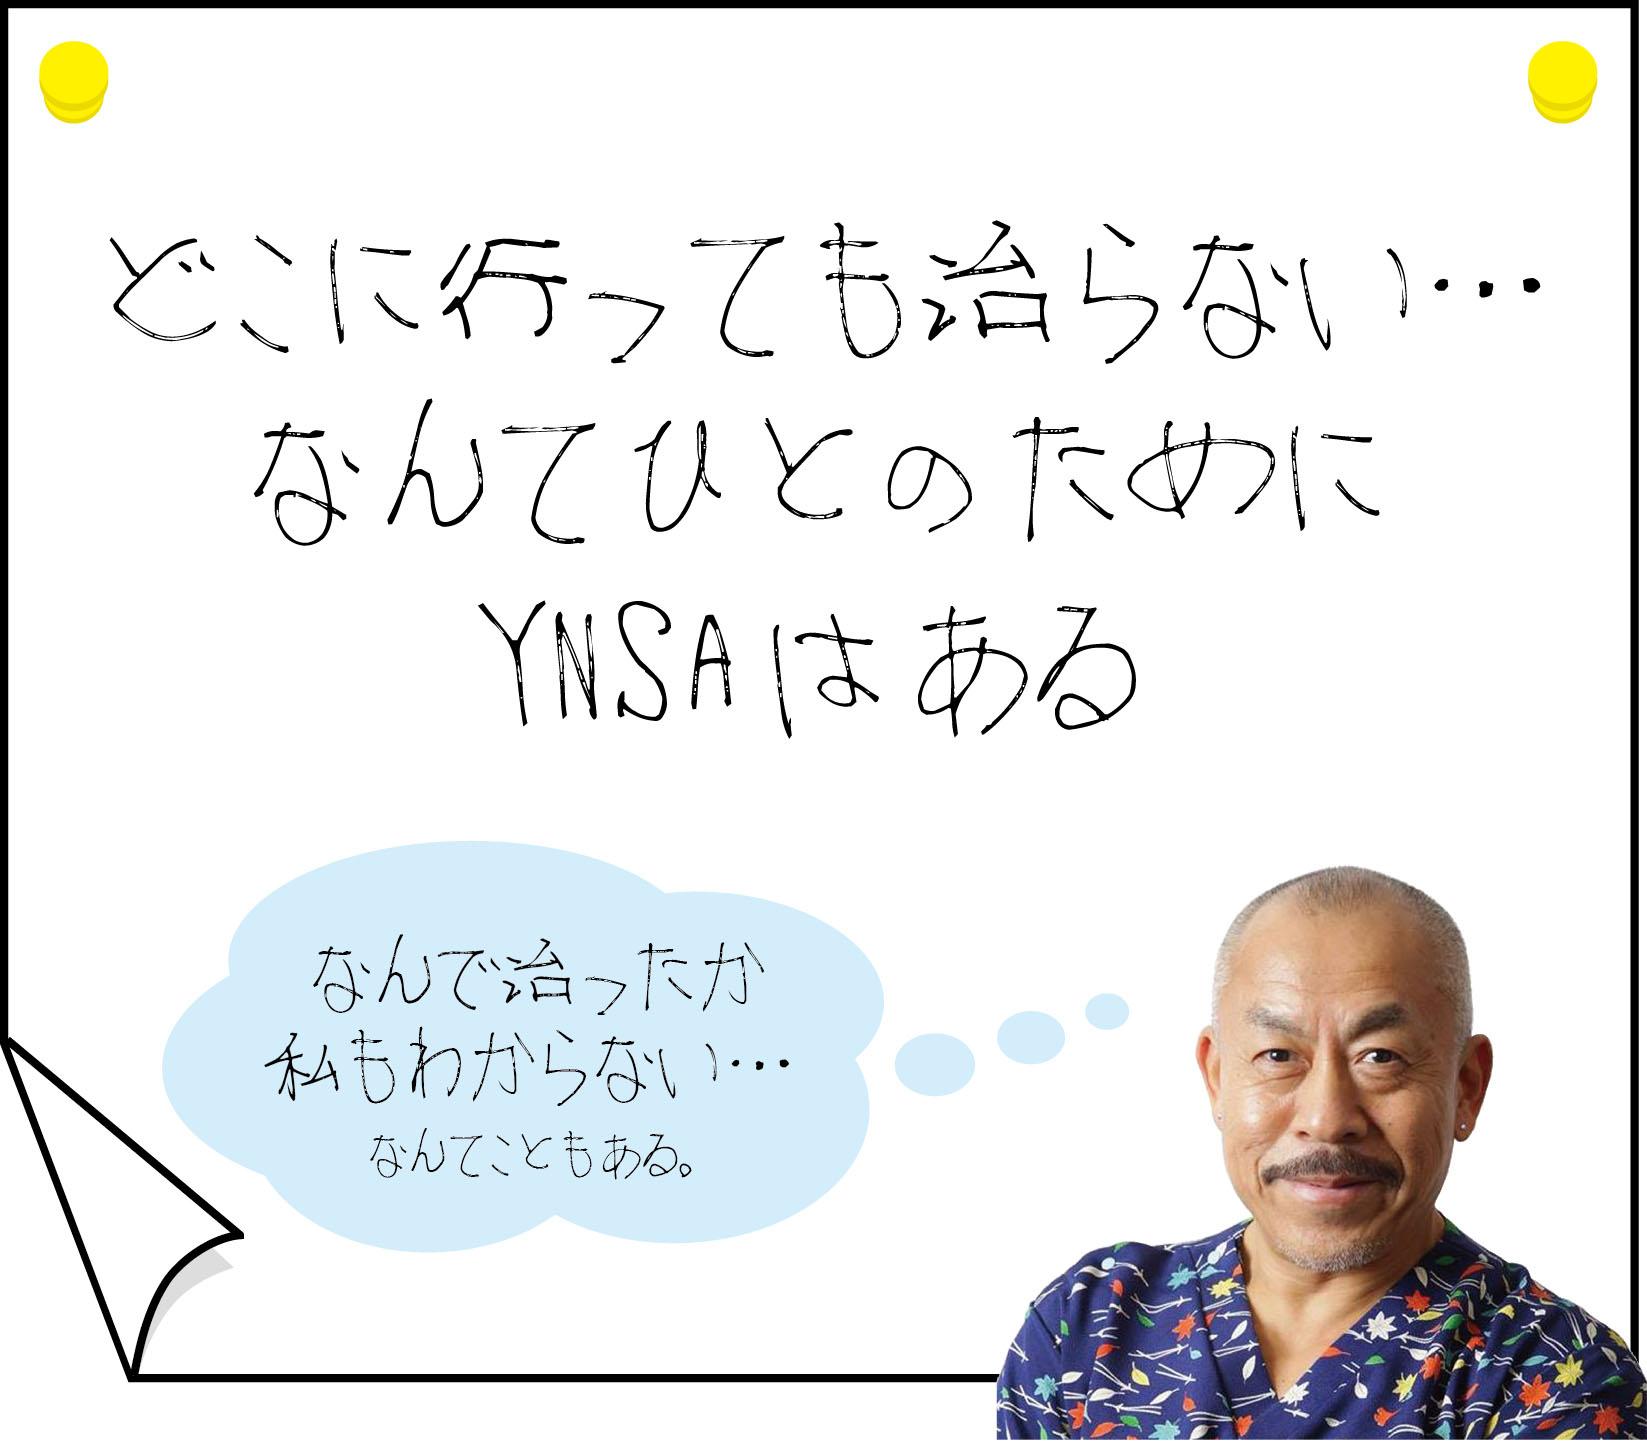 YNSA藤沢操体鍼療所にはどんな患者さんが来るか?①